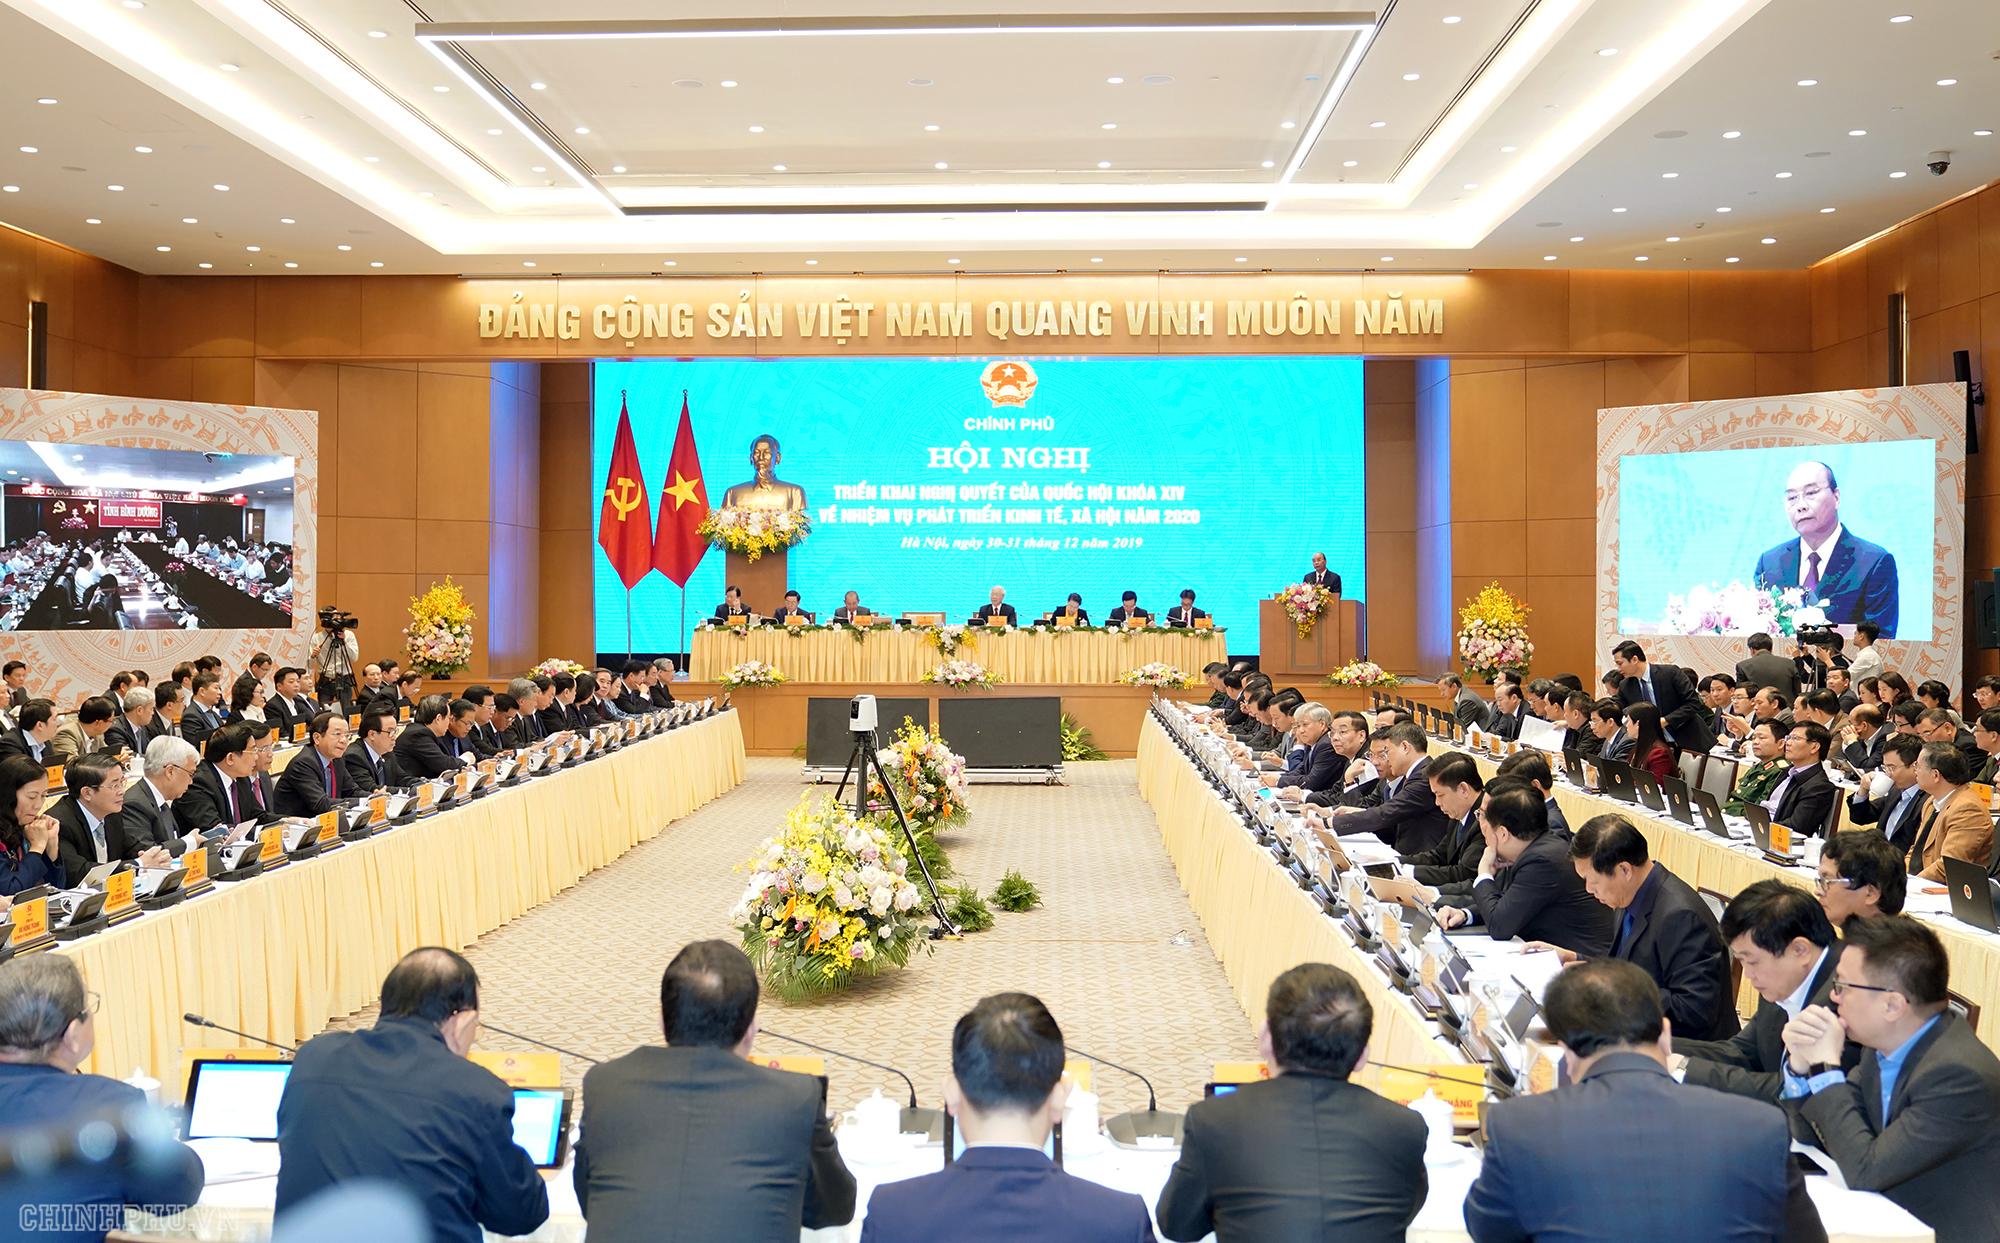 TP.HCM kiến nghị Chính Phủ xây dựng một trung tâm tài chính quốc tế